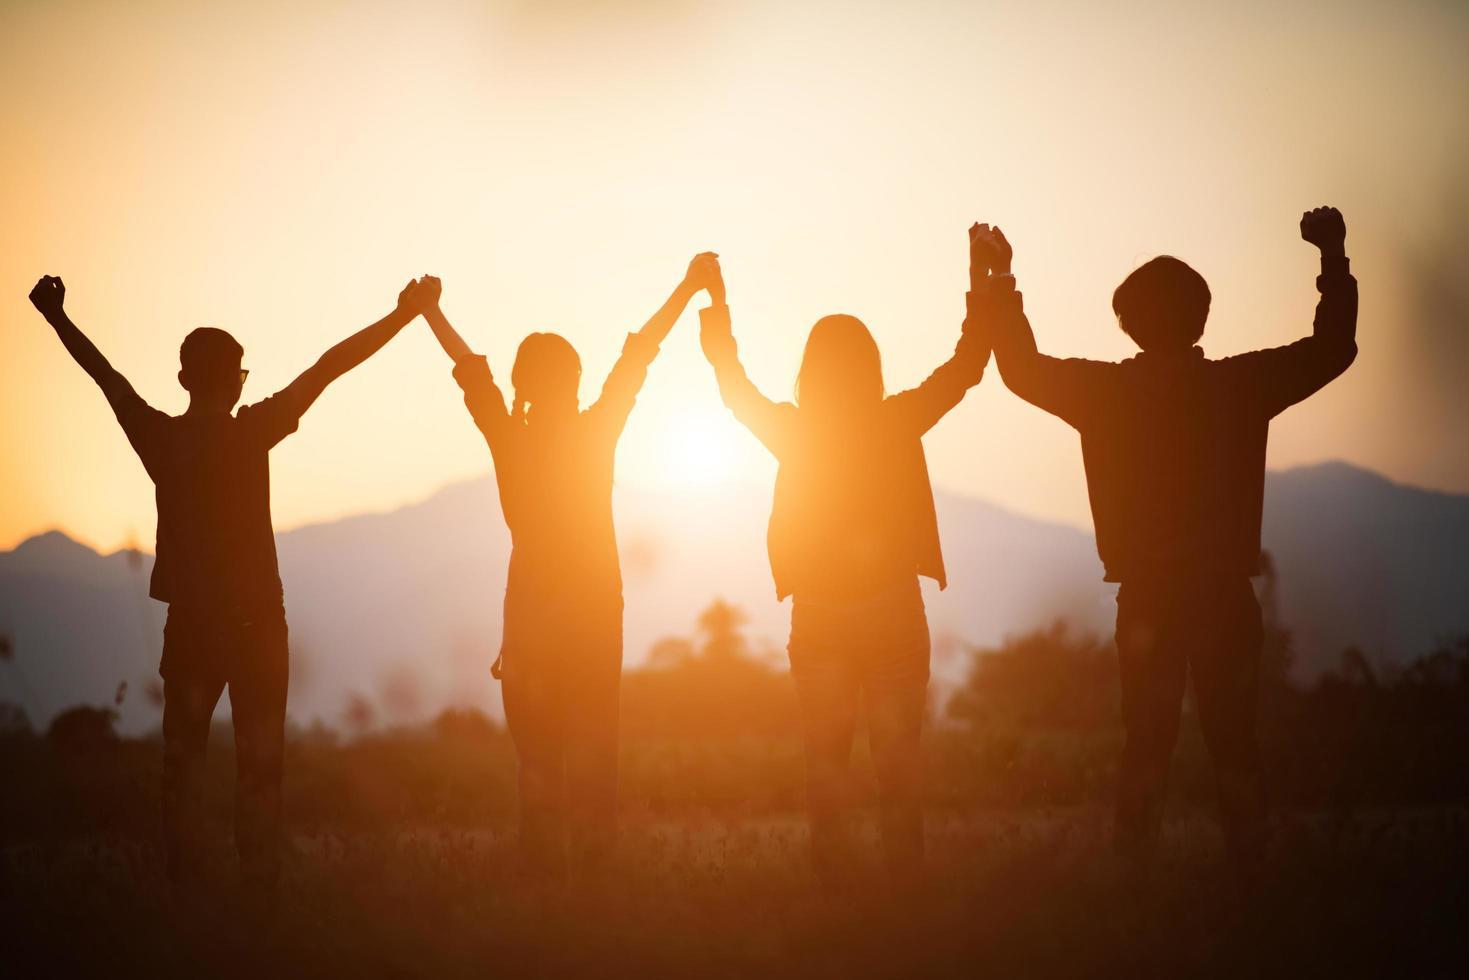 silhouette de l'équipe heureuse joignant les mains en l'air photo